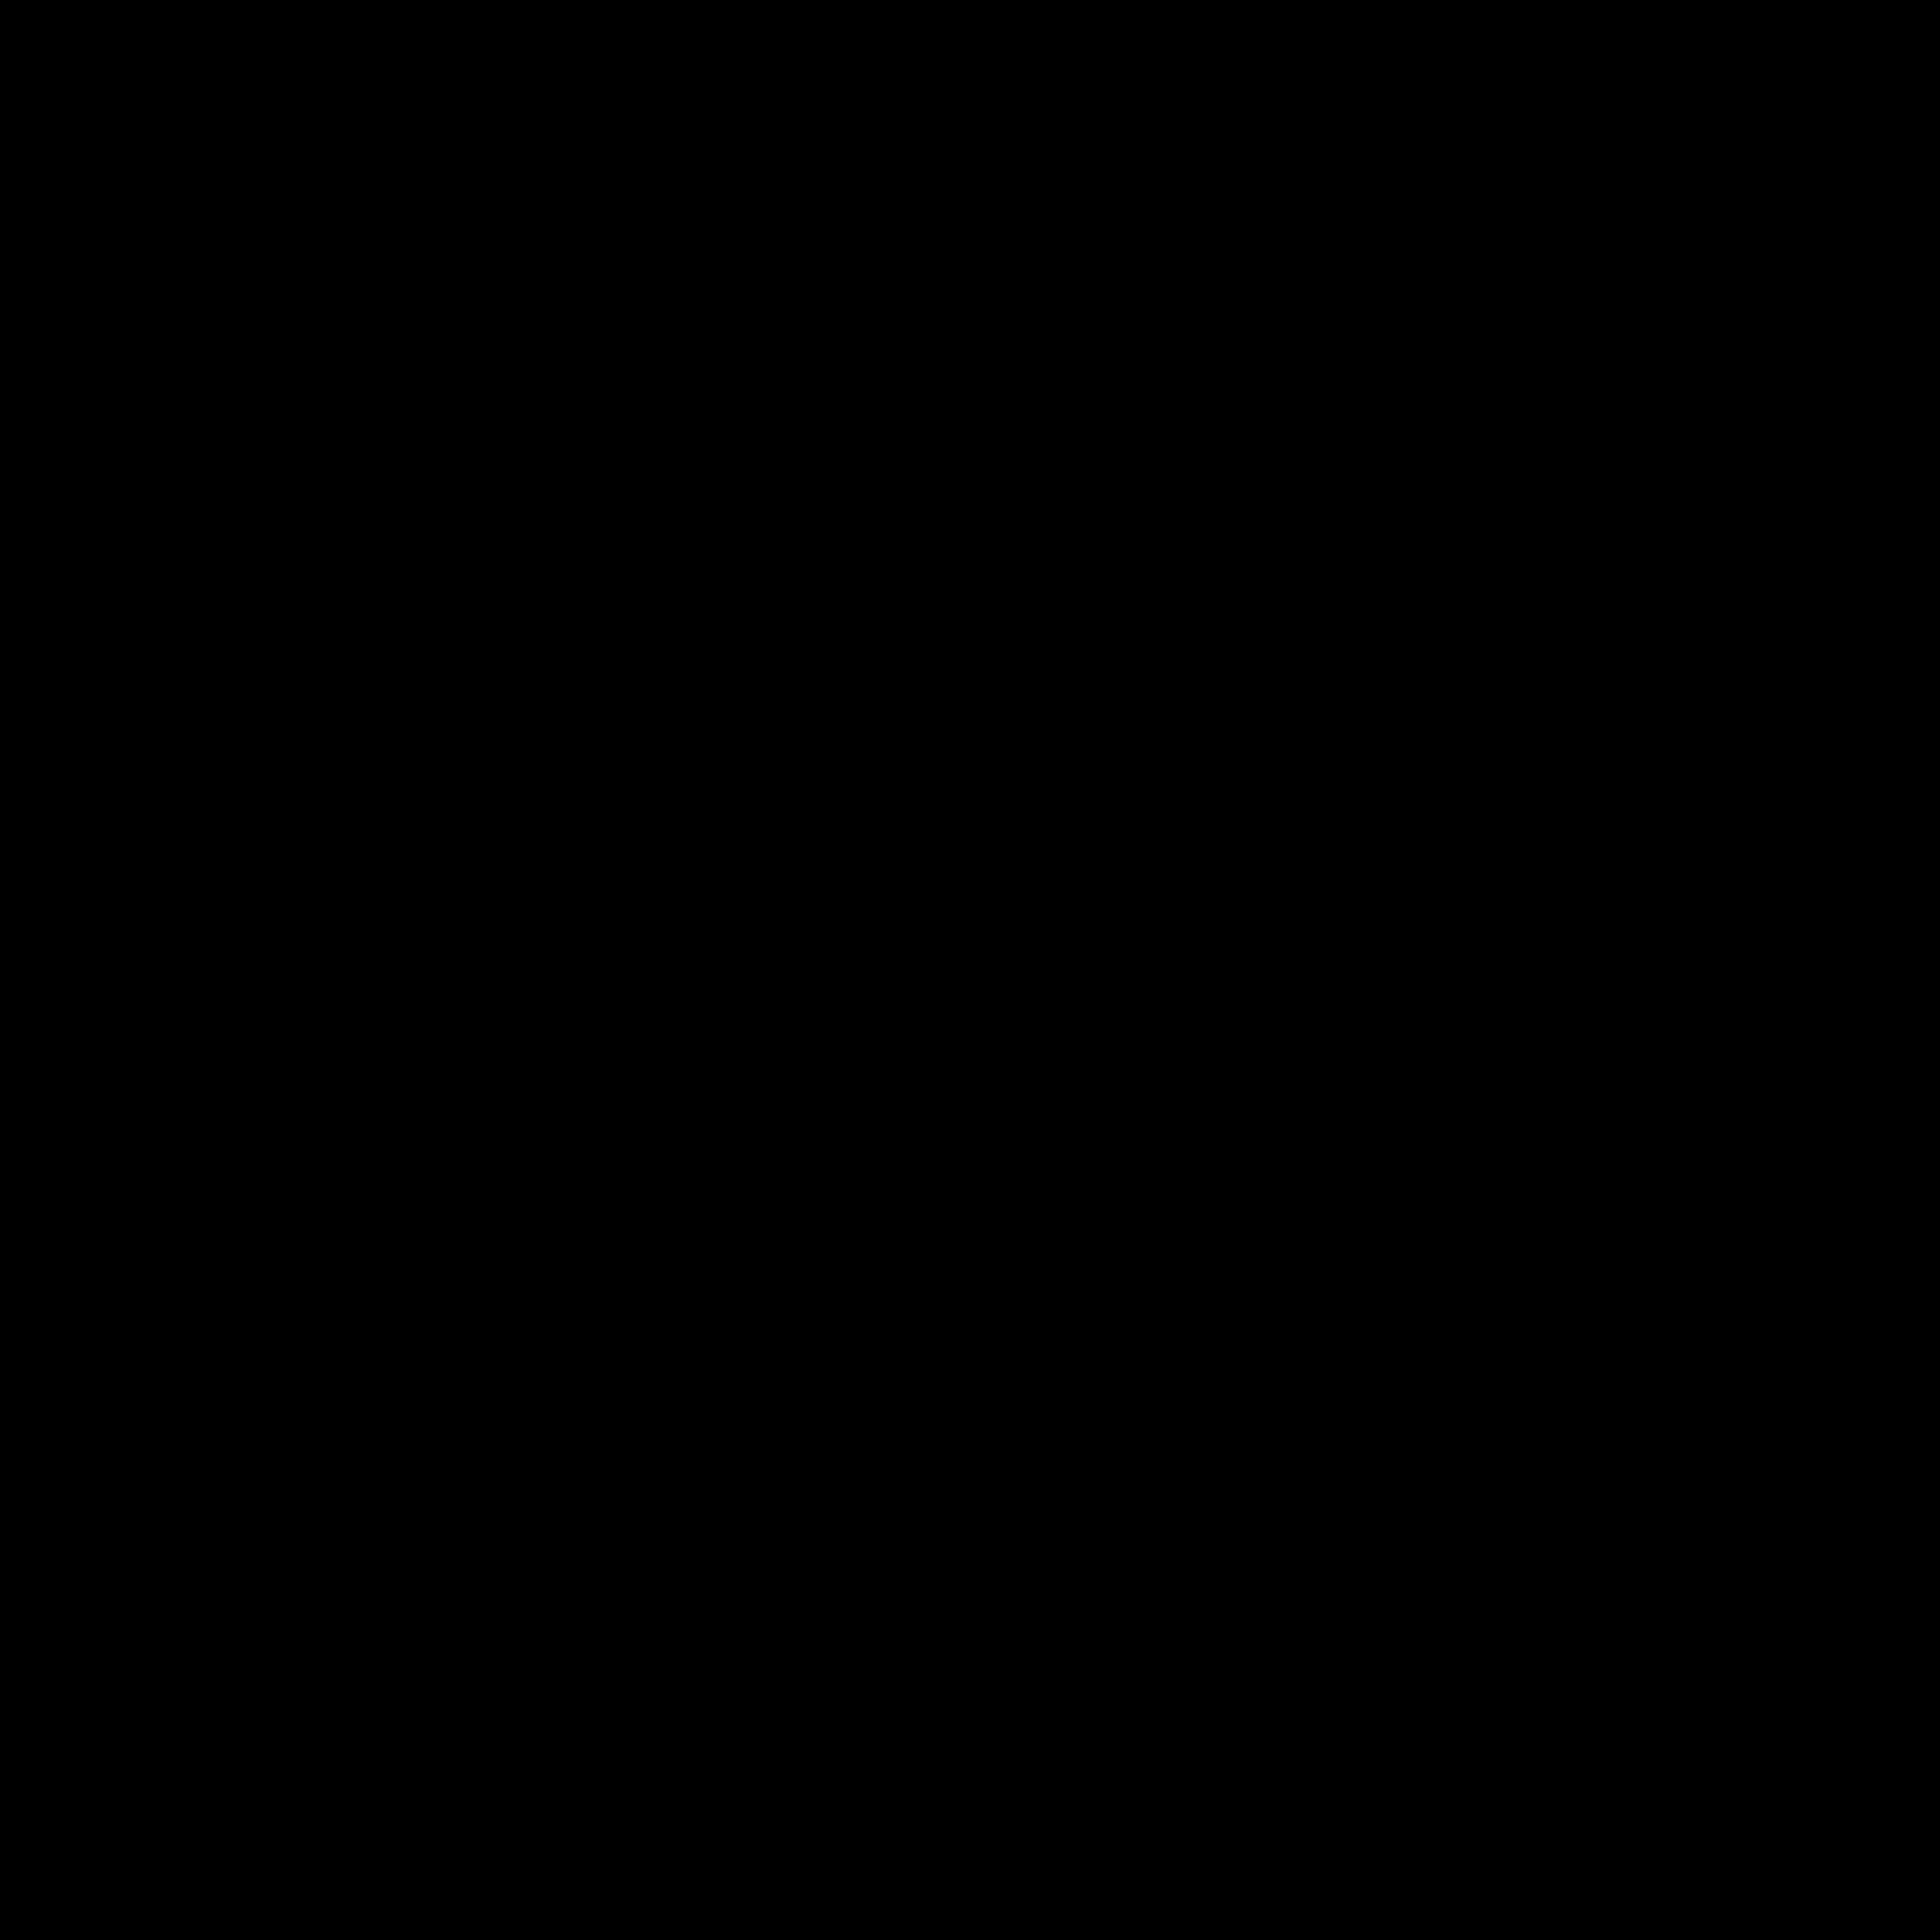 angellist icon